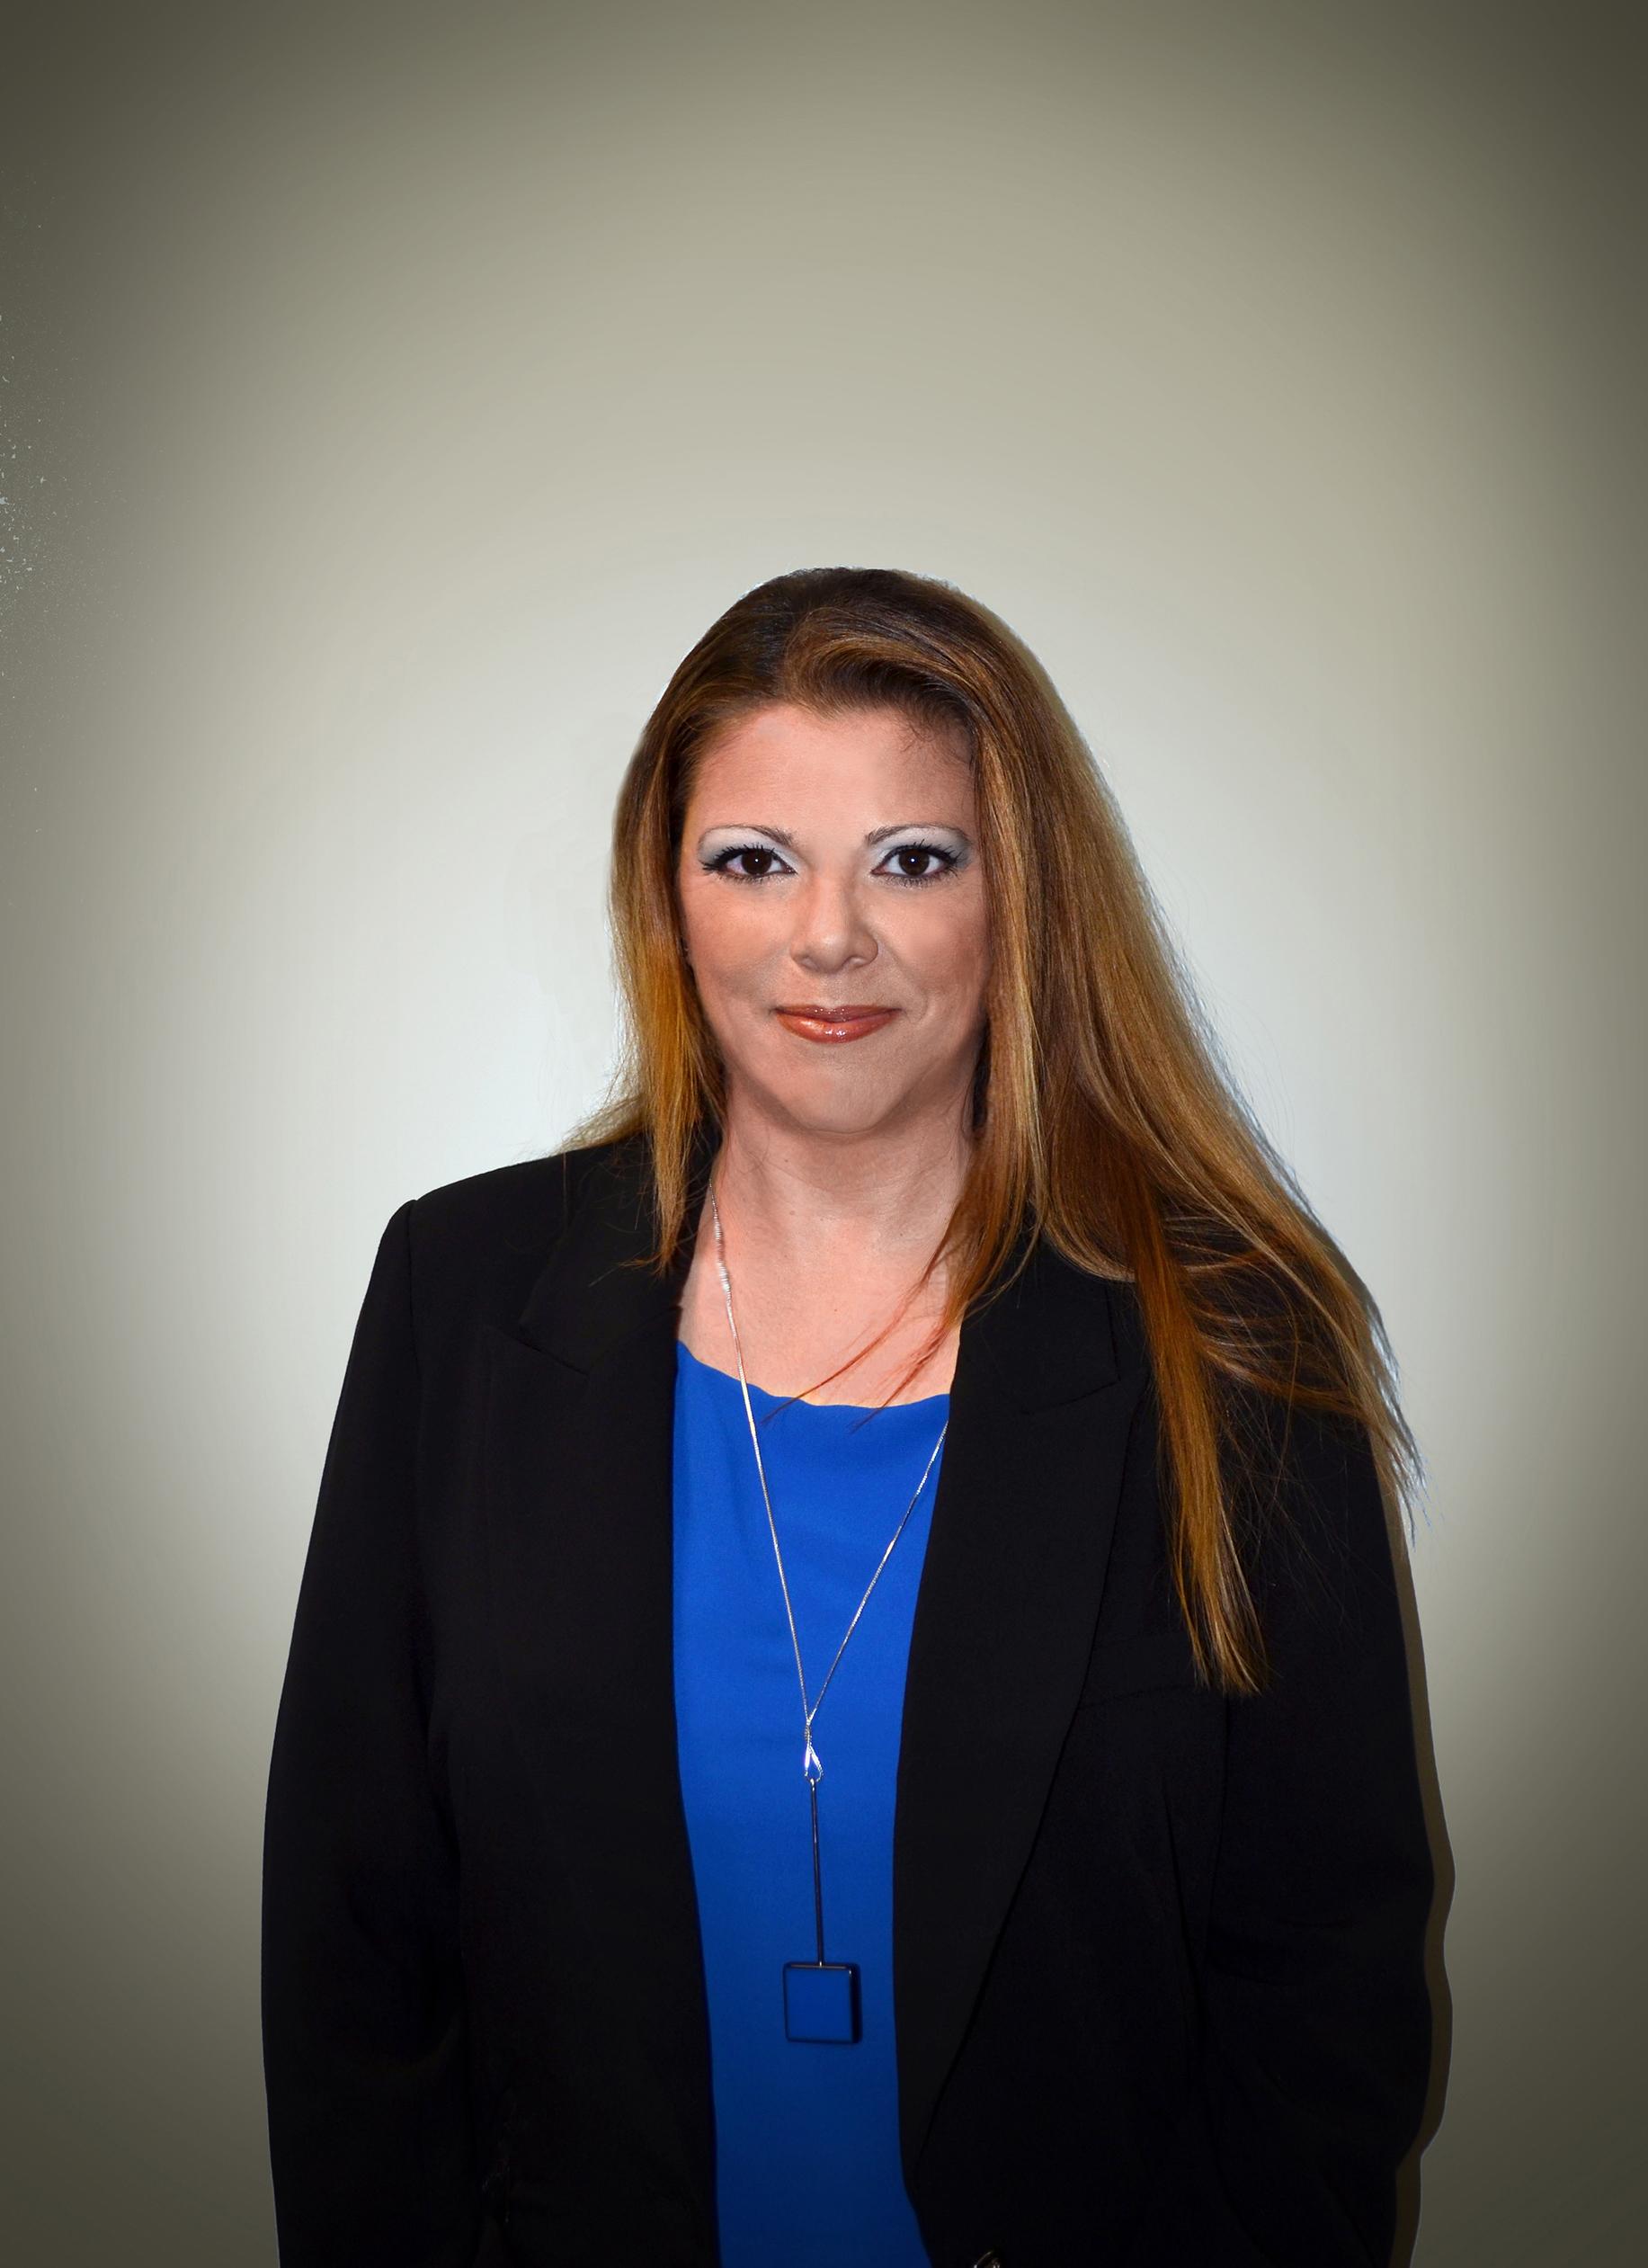 Laura Esparza Monfort